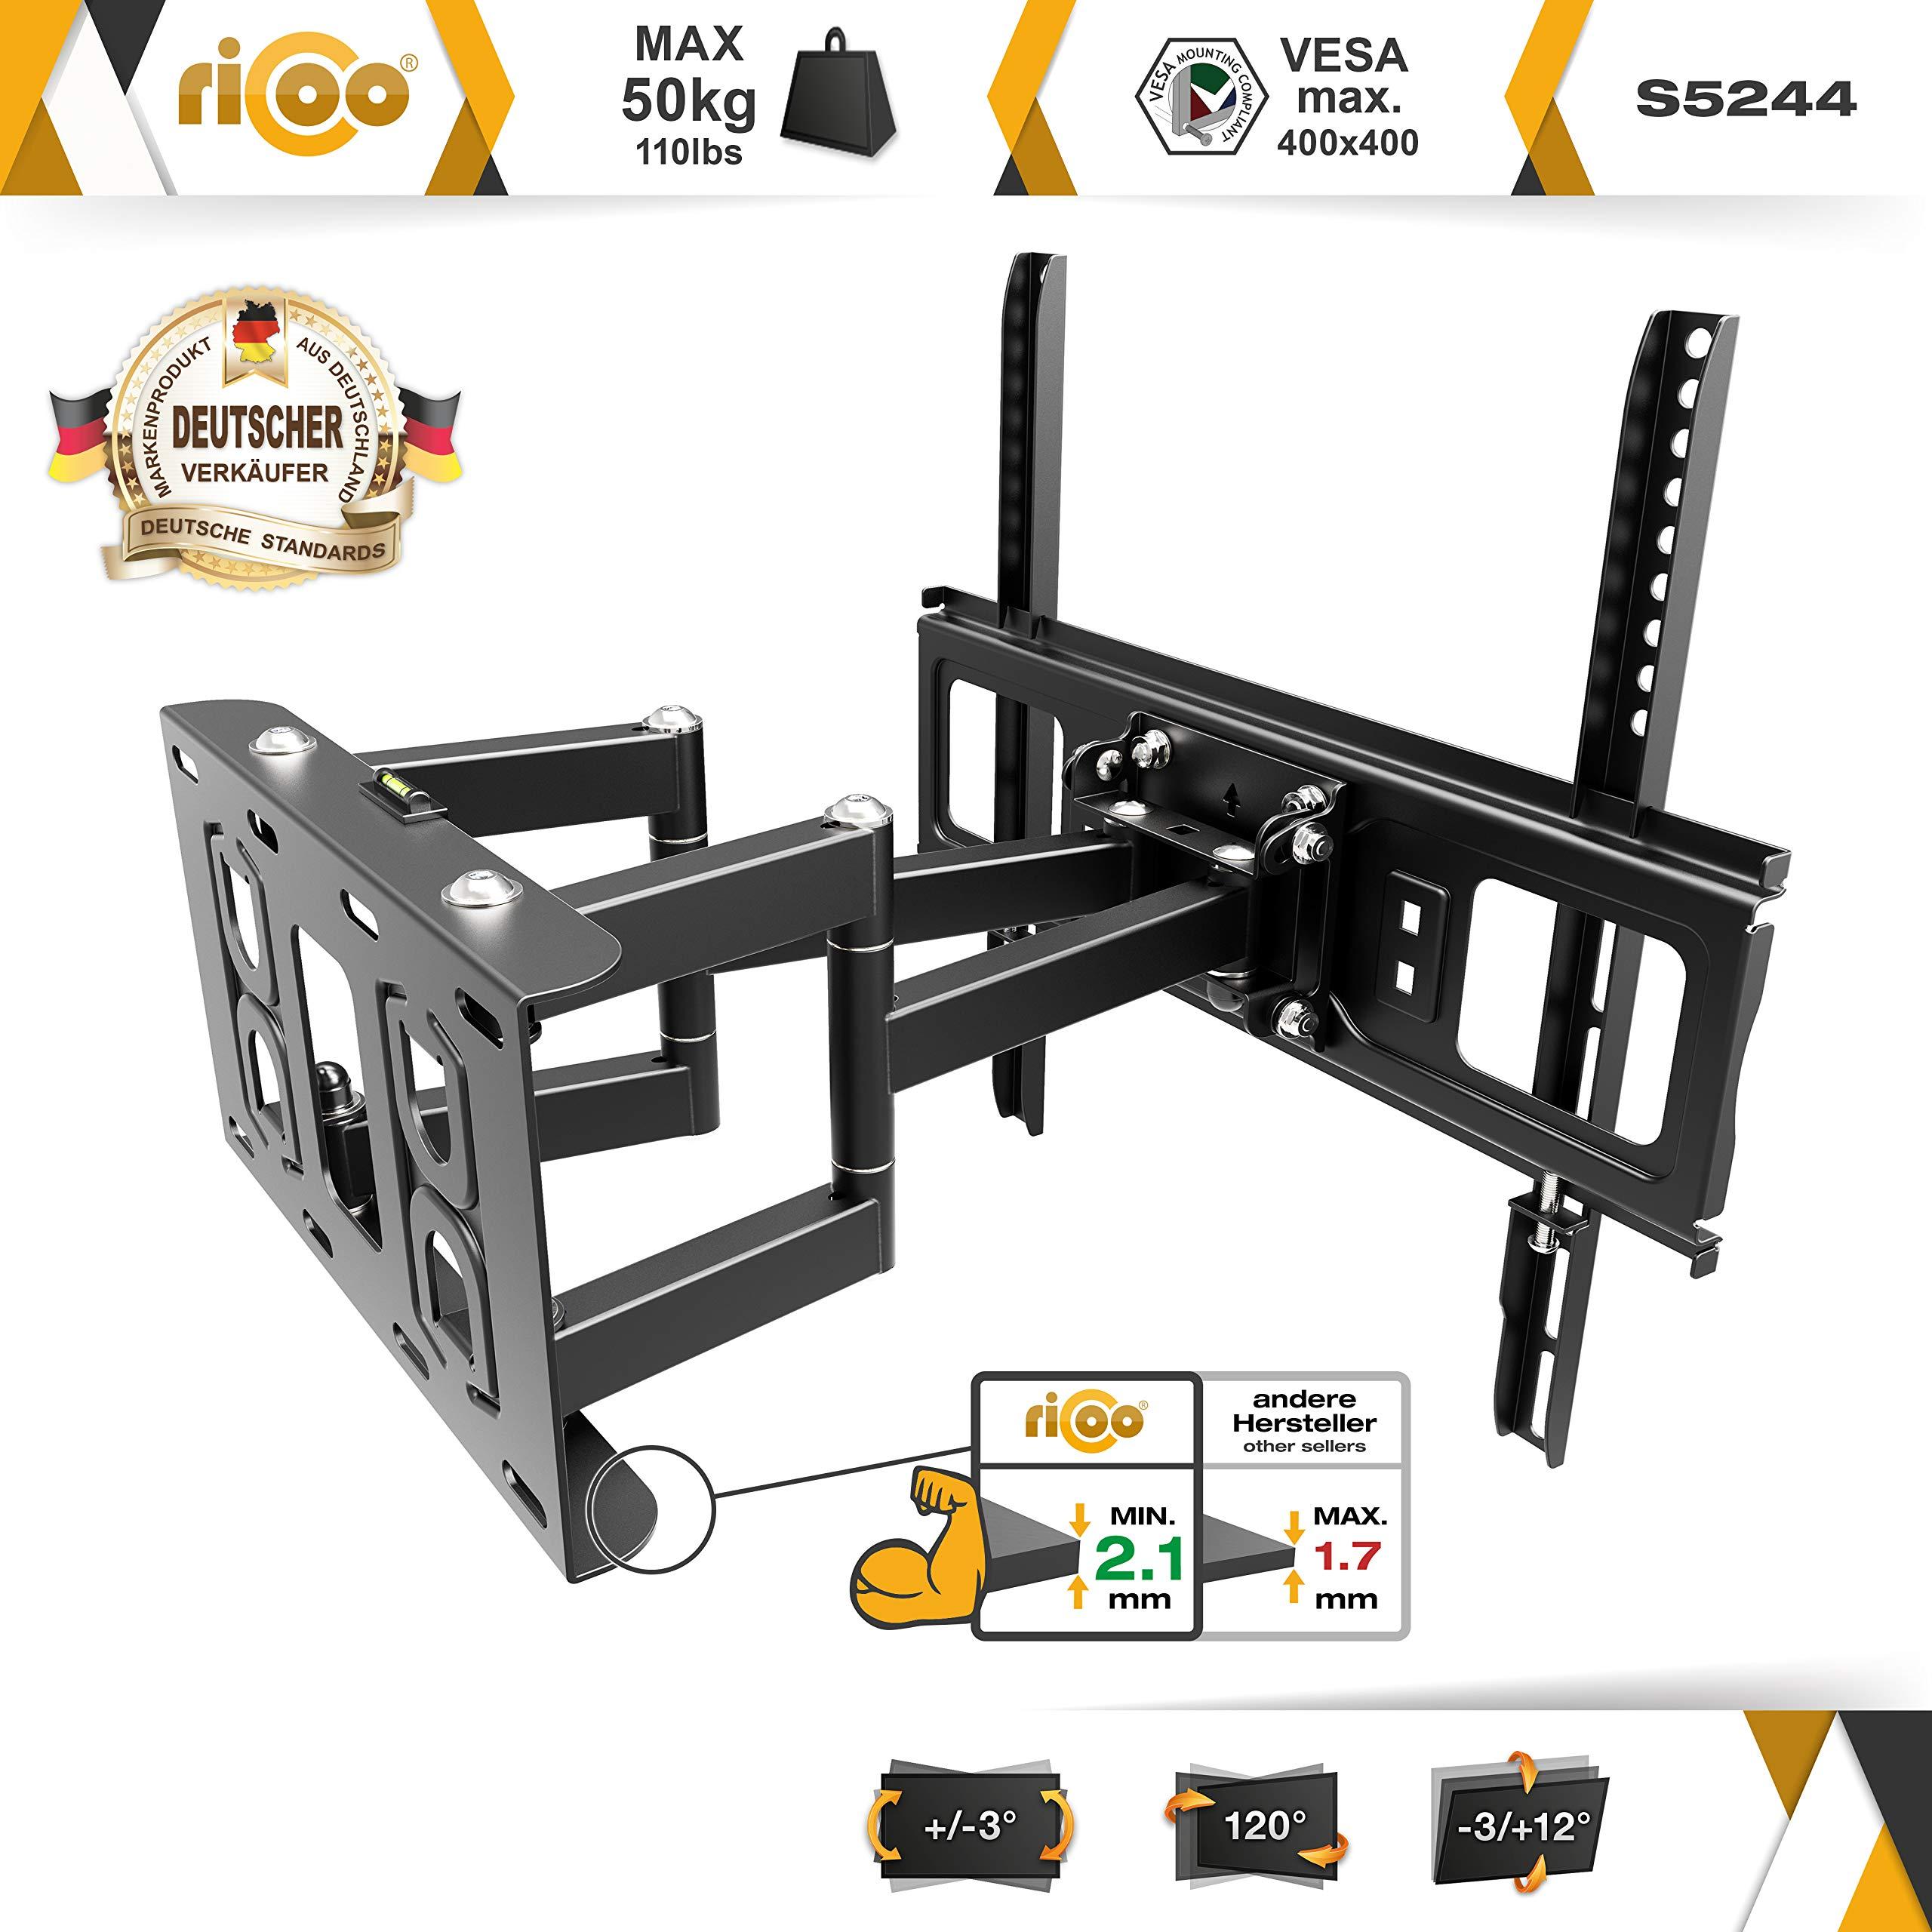 RICOO S5244, Soporte TV Pared, Giratorio, Inclinable, Televisión ...